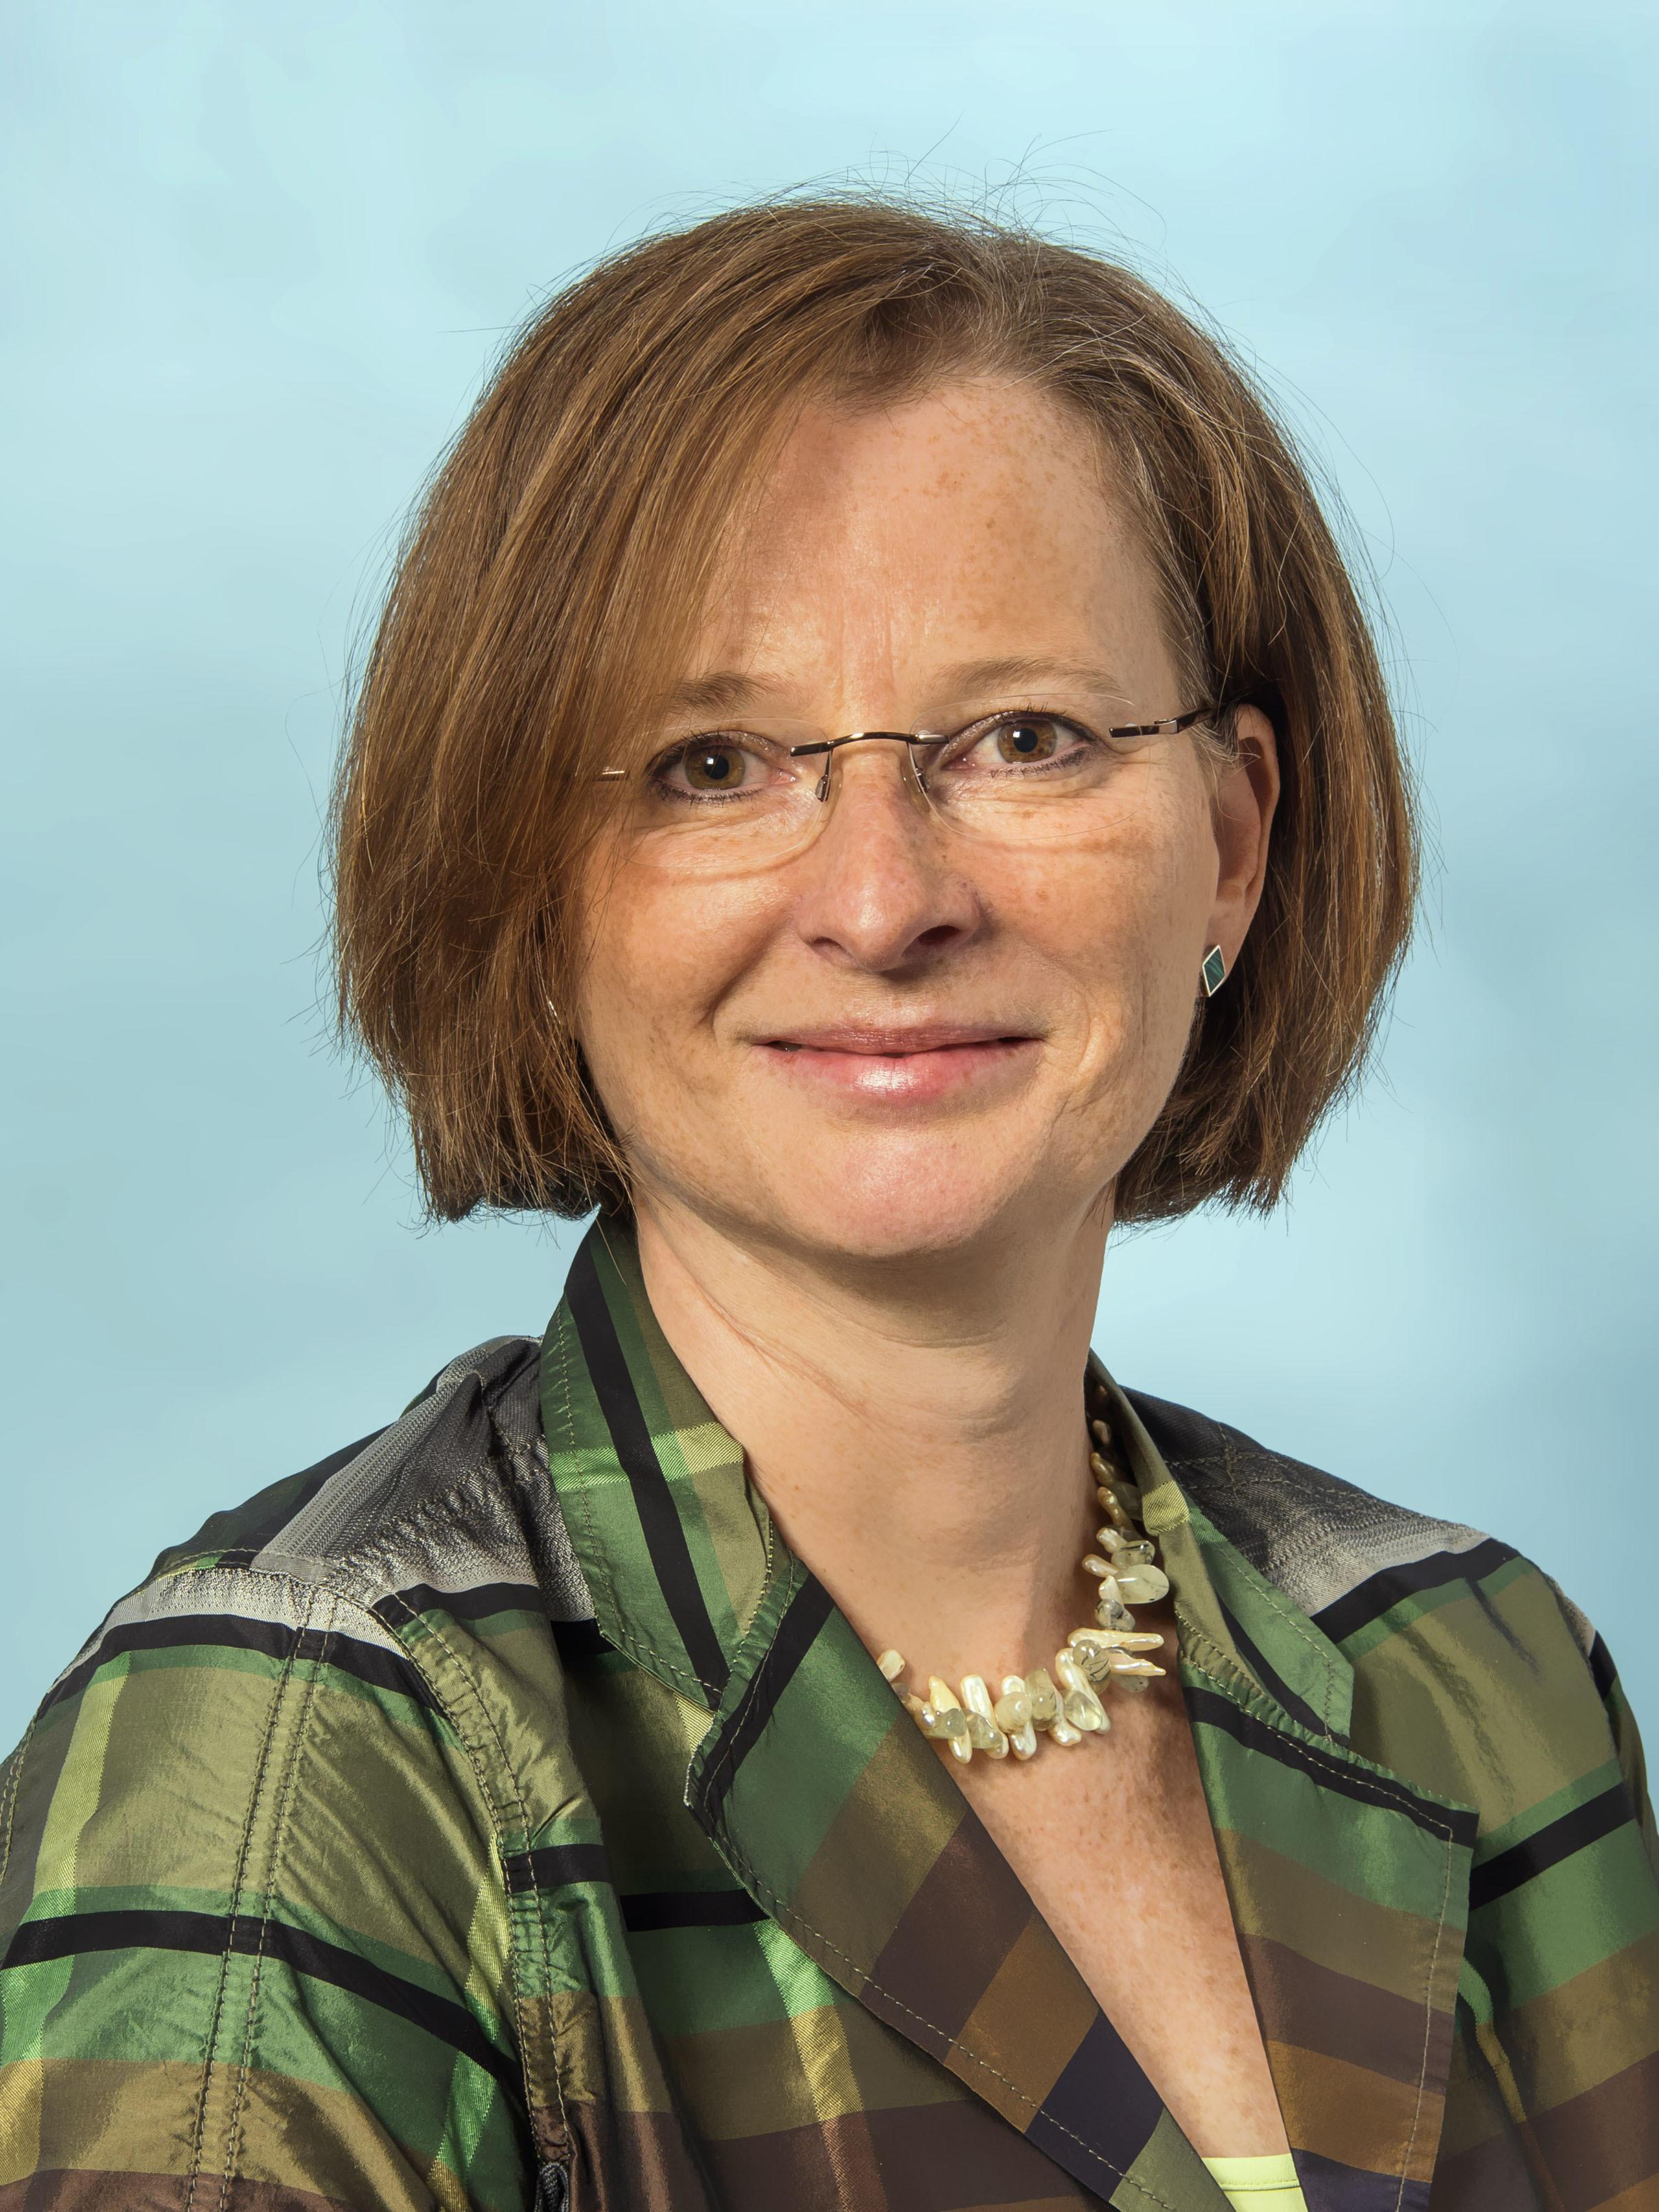 Karin Grösser